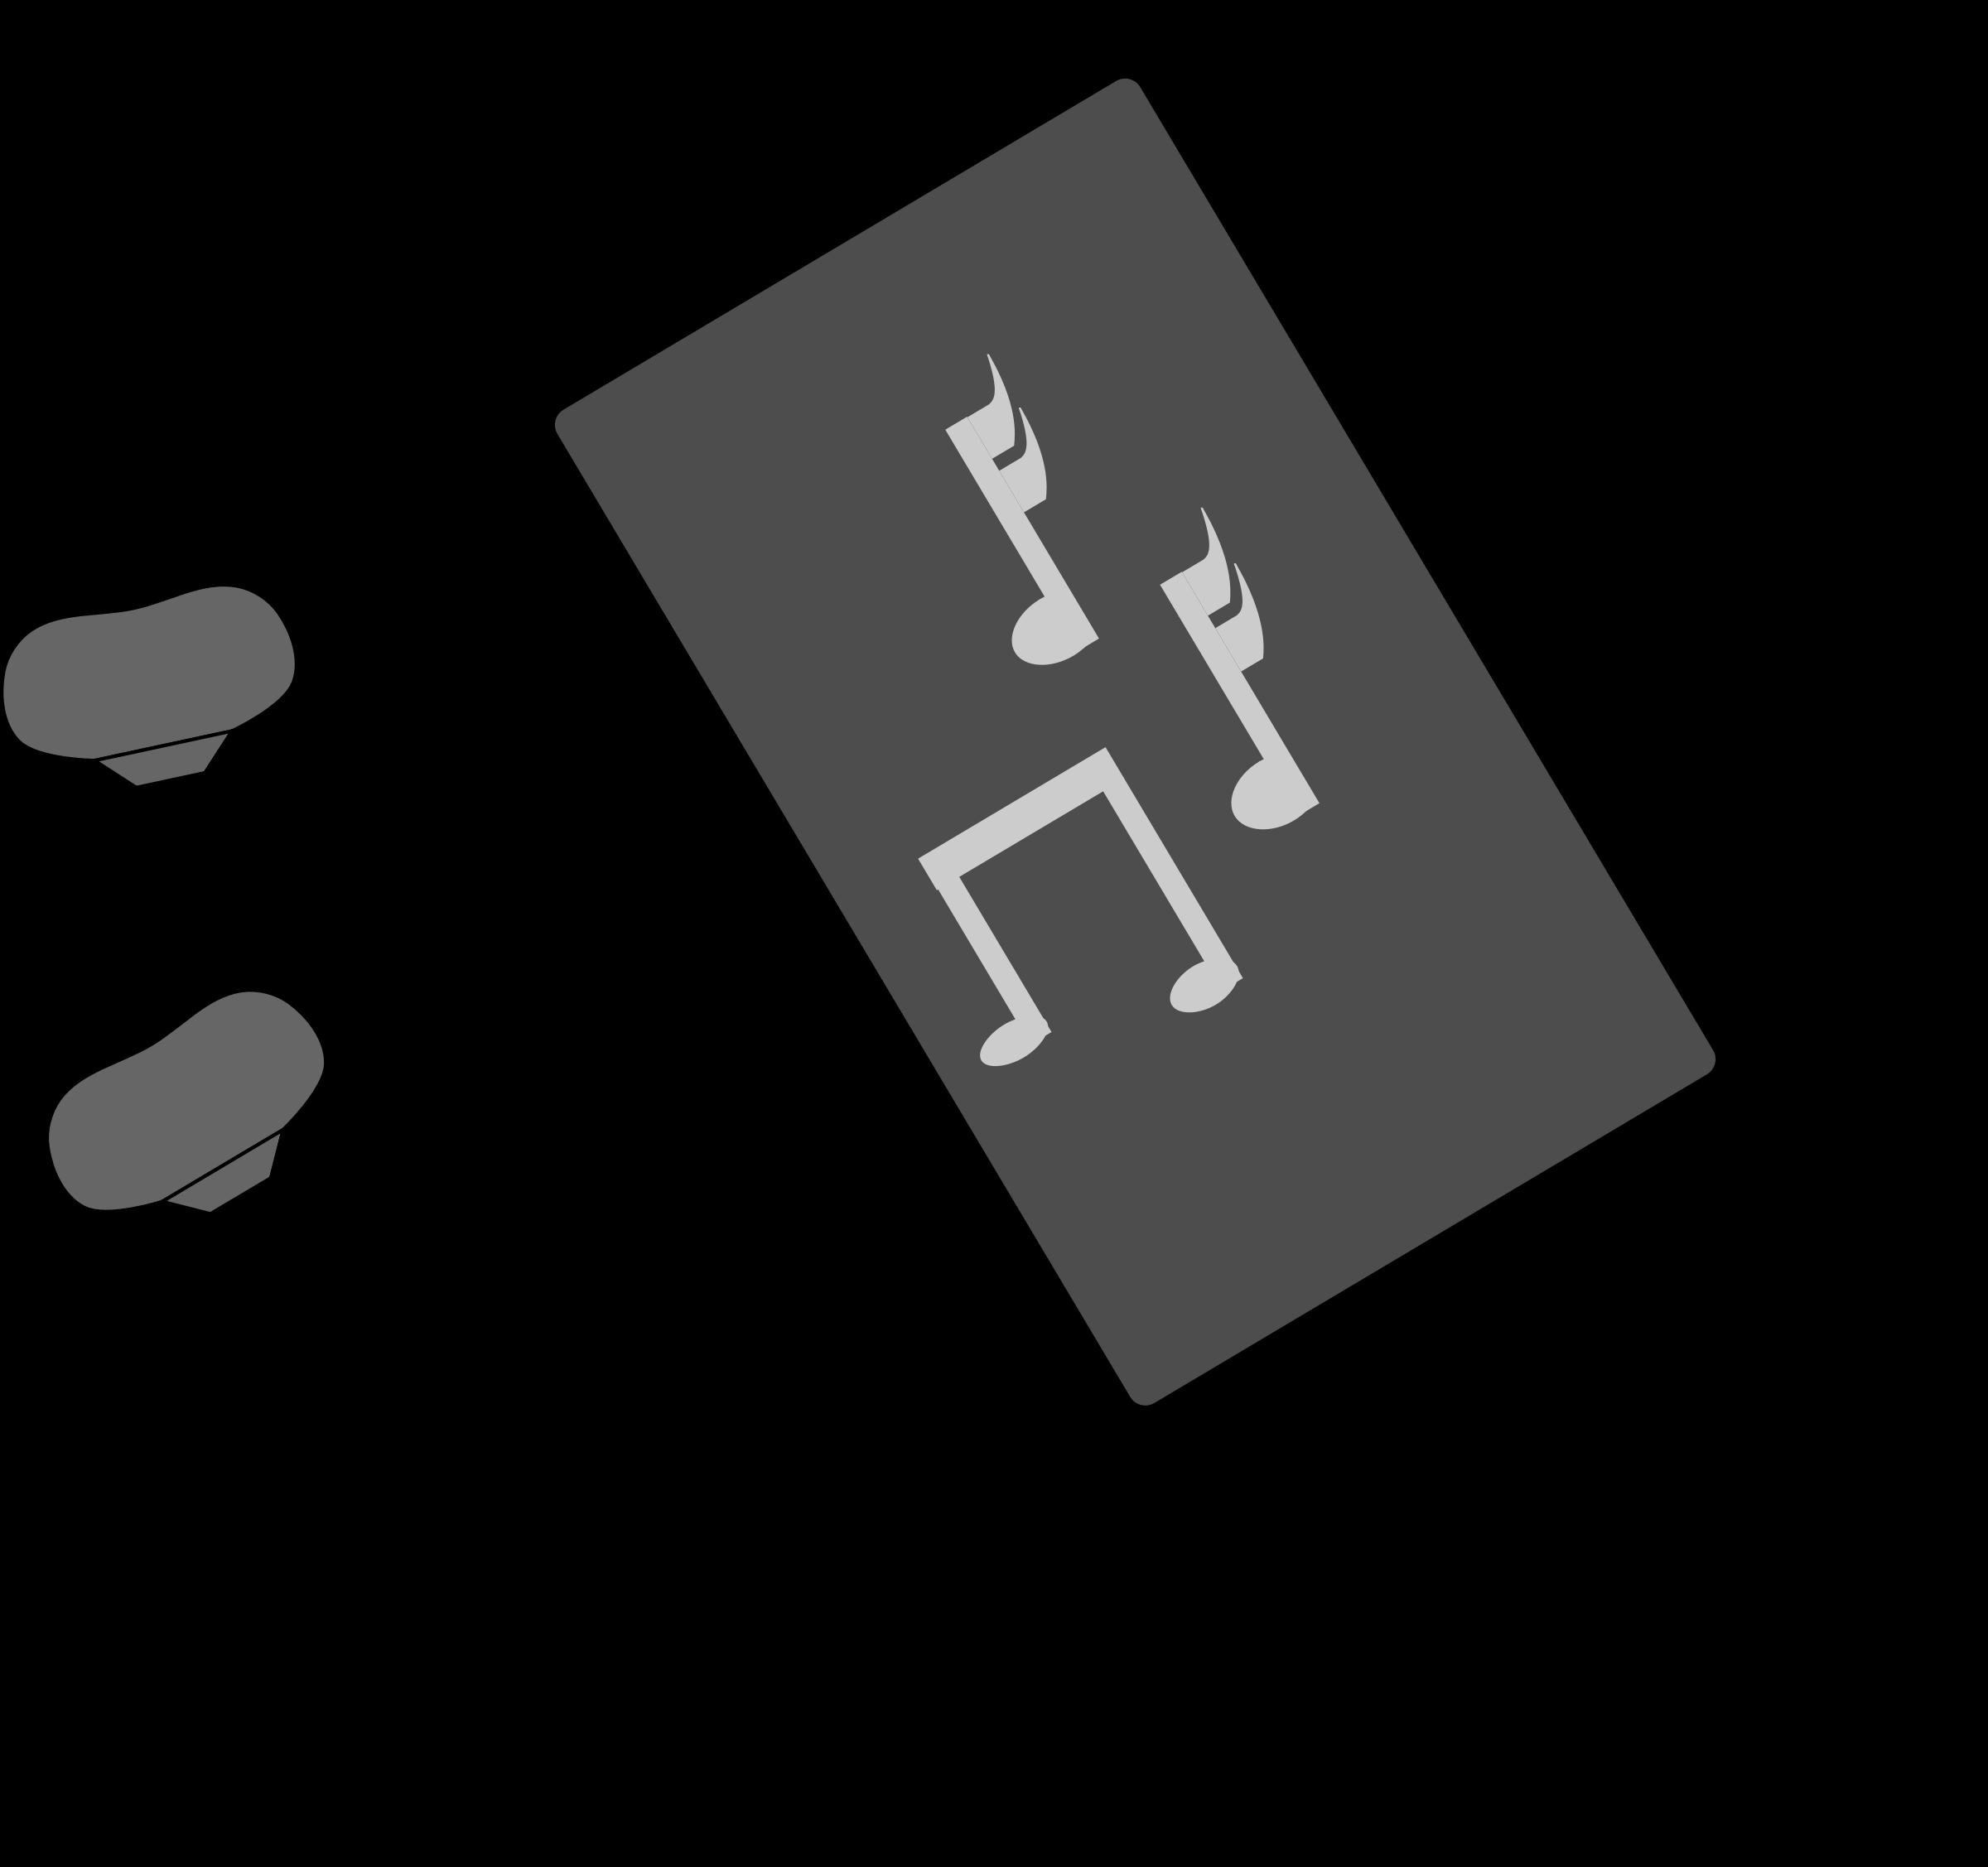 Music Player Clip Art.